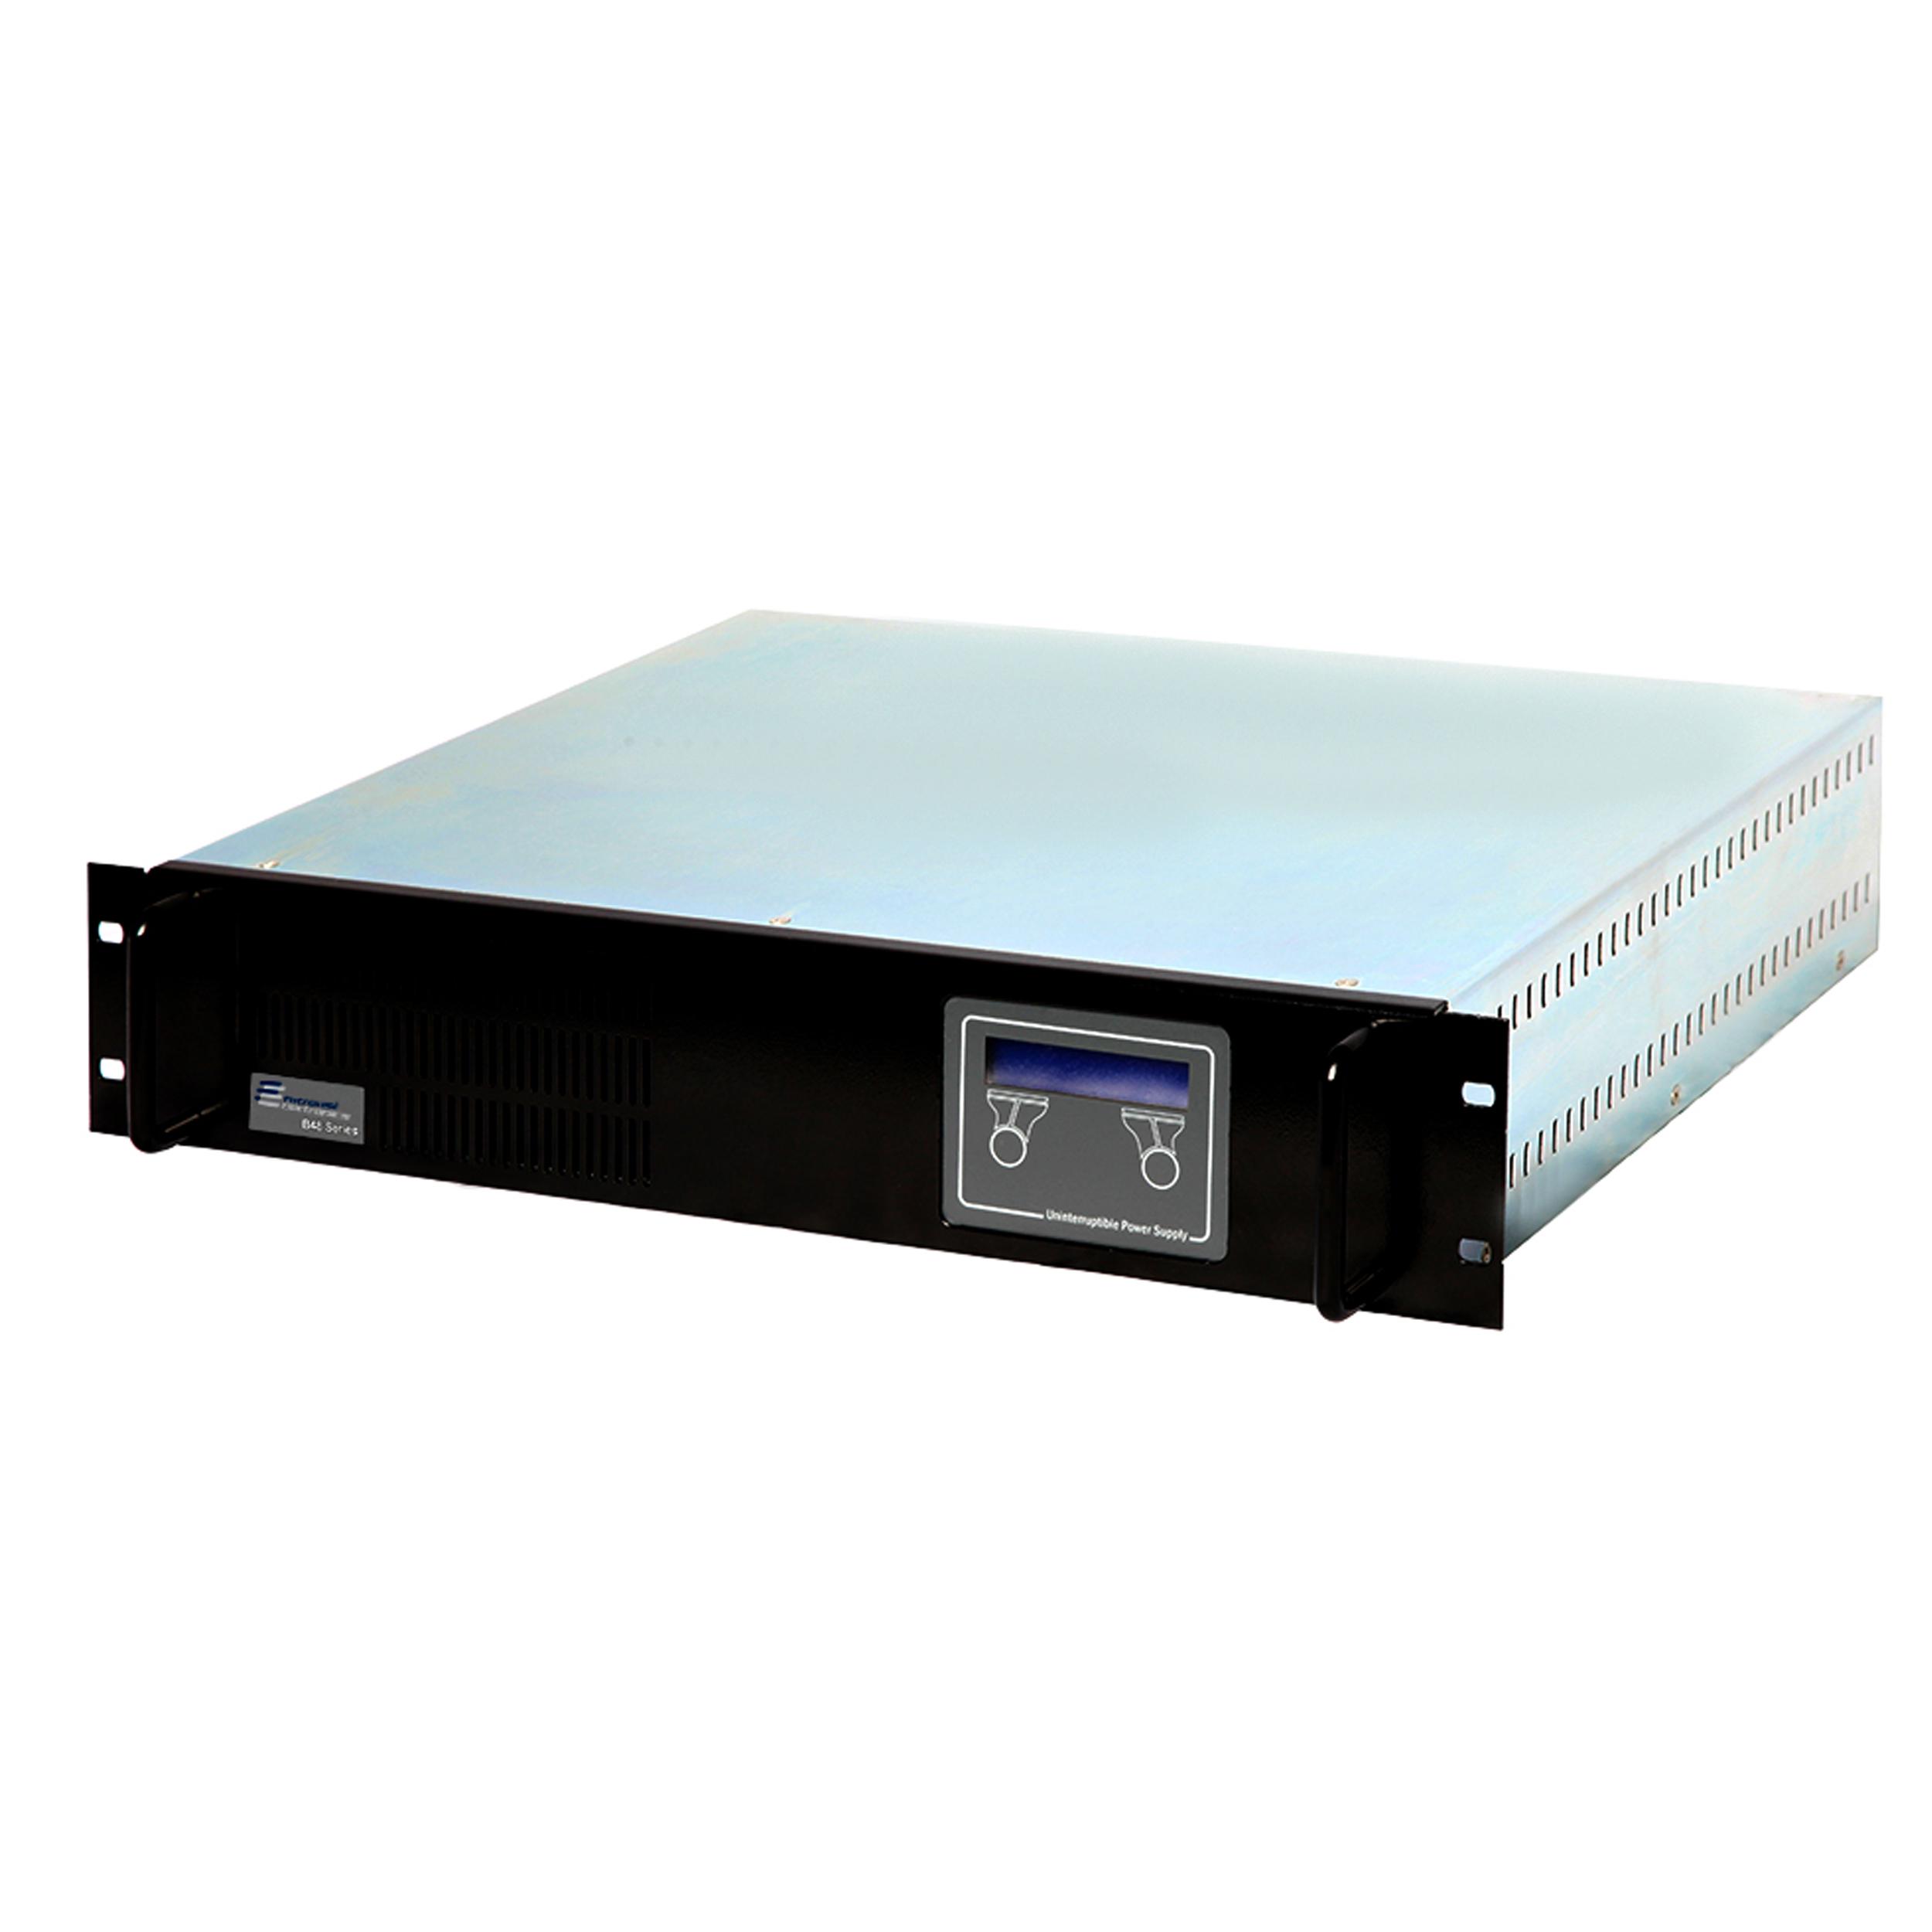 یو پی اس فطروسی الکترونیکس مدل UL4 با ظرفیت 1500 ولت آمپر